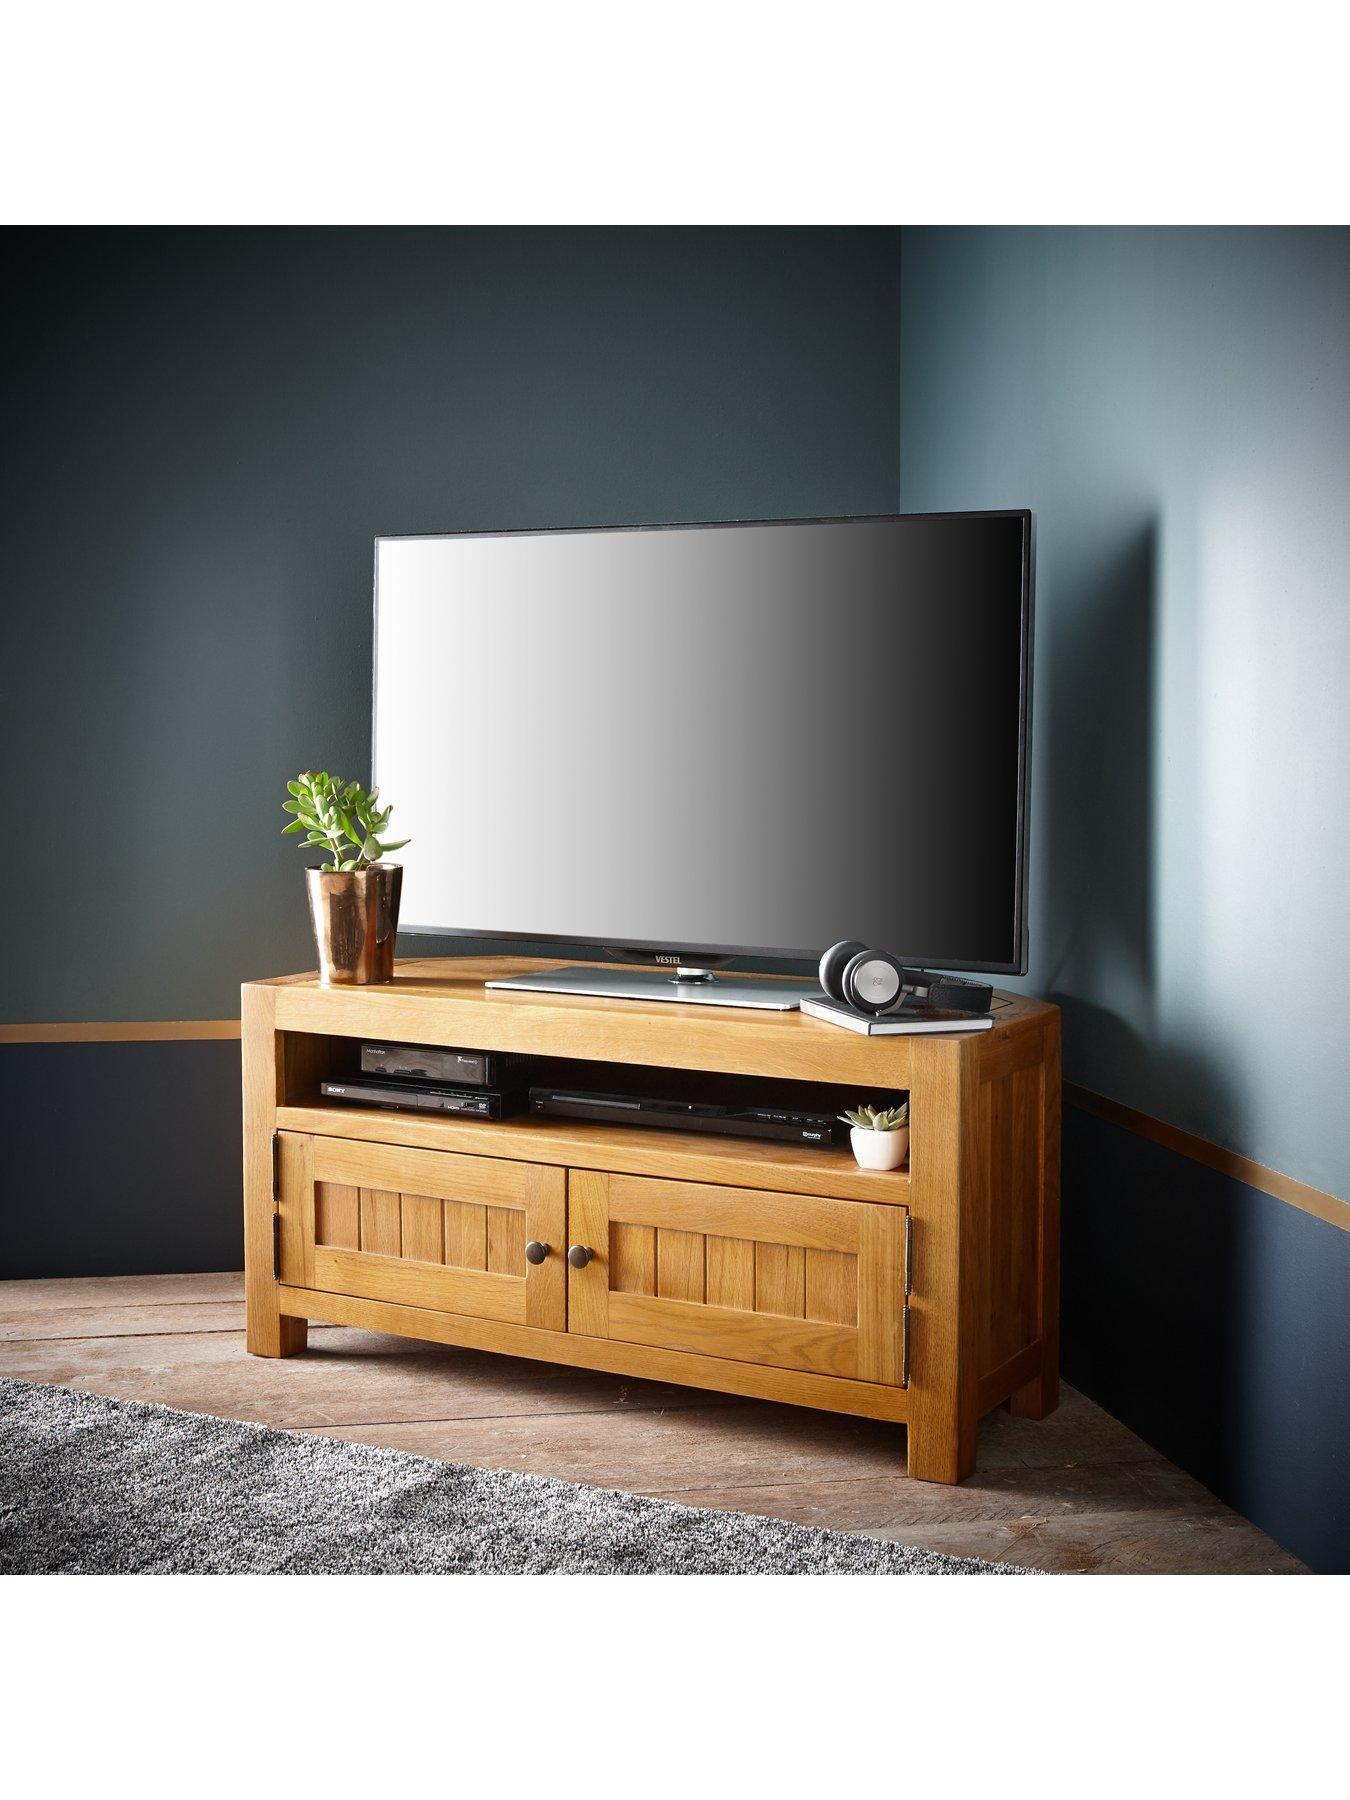 Grantham 100 Solid Oak Ready Assembled Corner Tv Unit Fits Up To 46 Inch Tv Corner Tv Unit Corner Tv Tv Unit